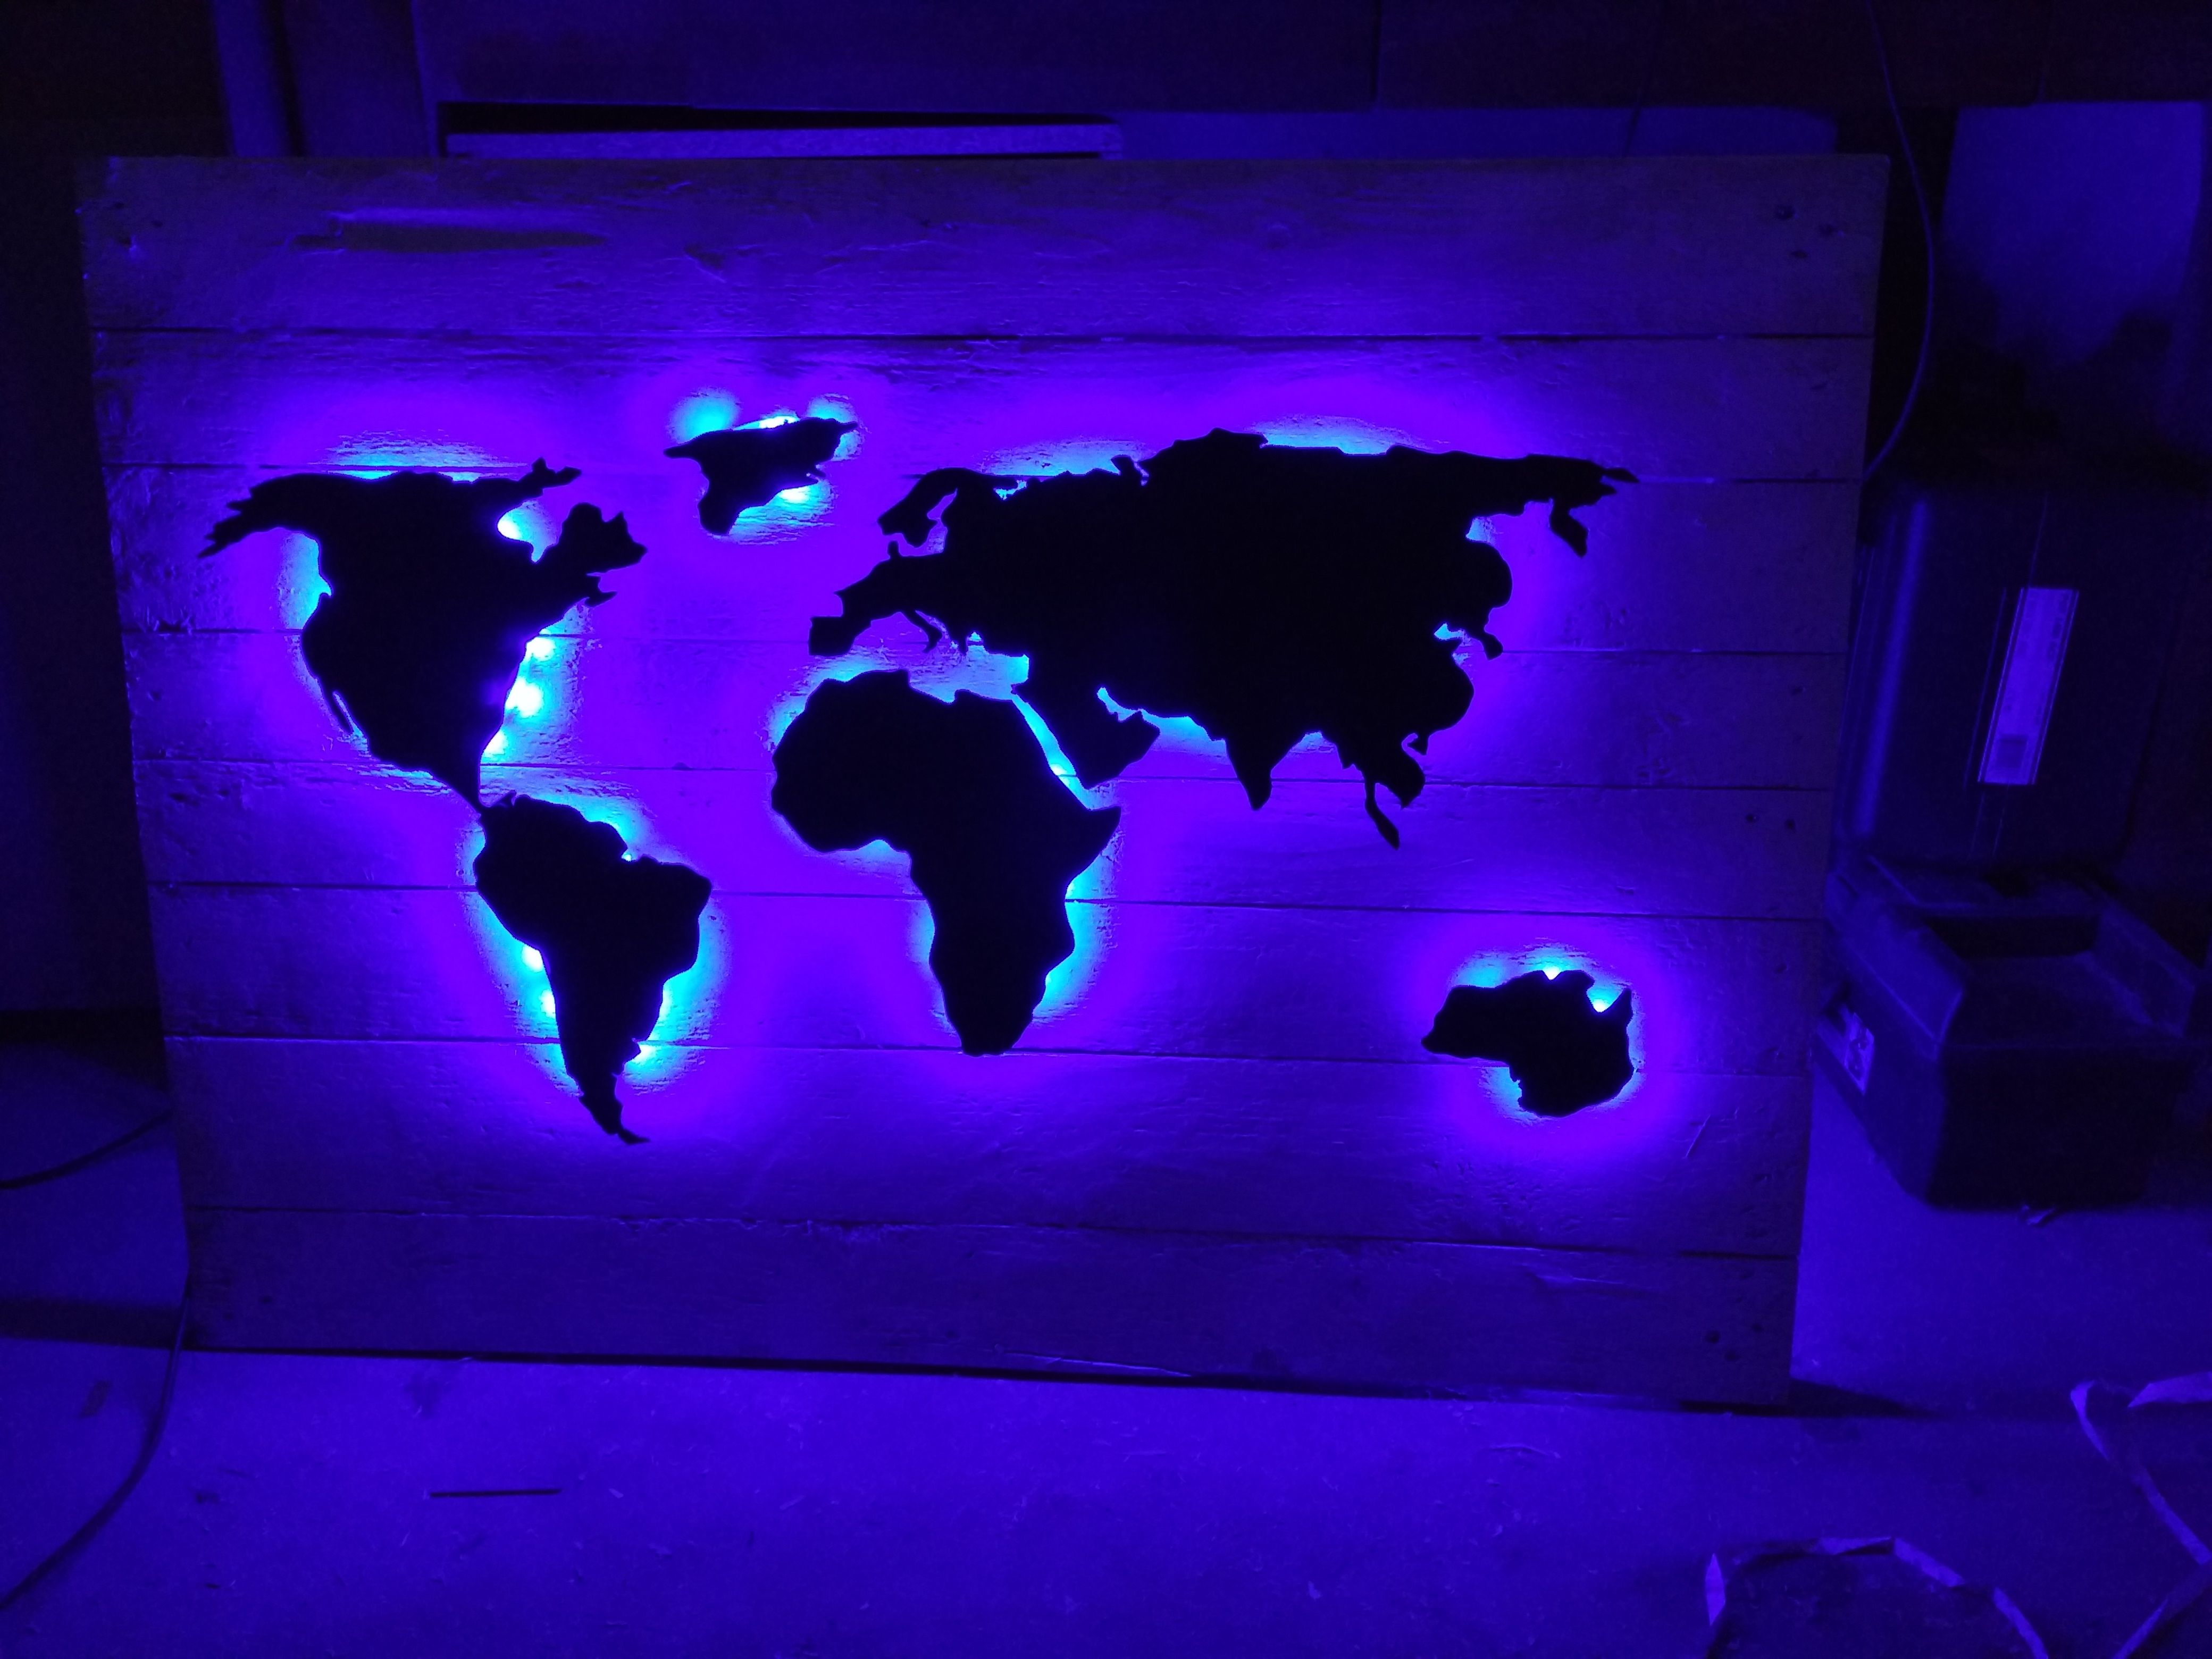 Weltkarte Als Indirekte Beleuchtung Mit Bildern Indirekte Beleuchtung Beleuchtung Weltkarte